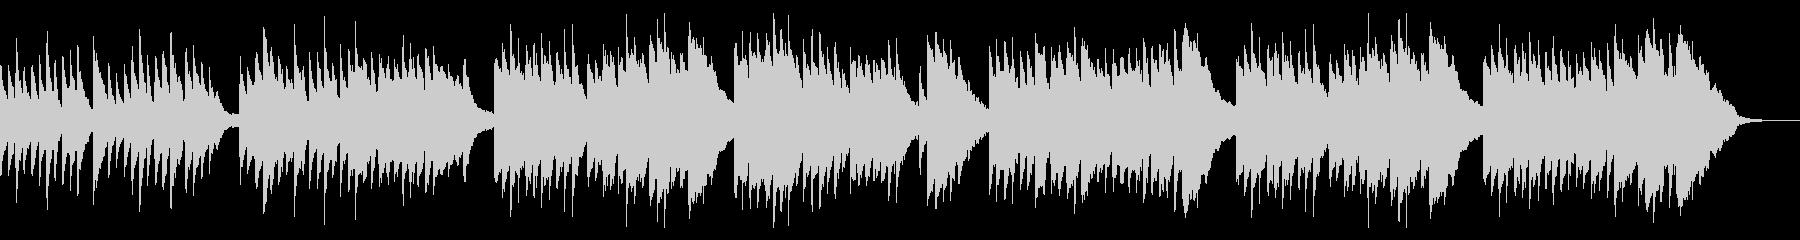 温かい感動的な優しいピアノソロ曲の未再生の波形